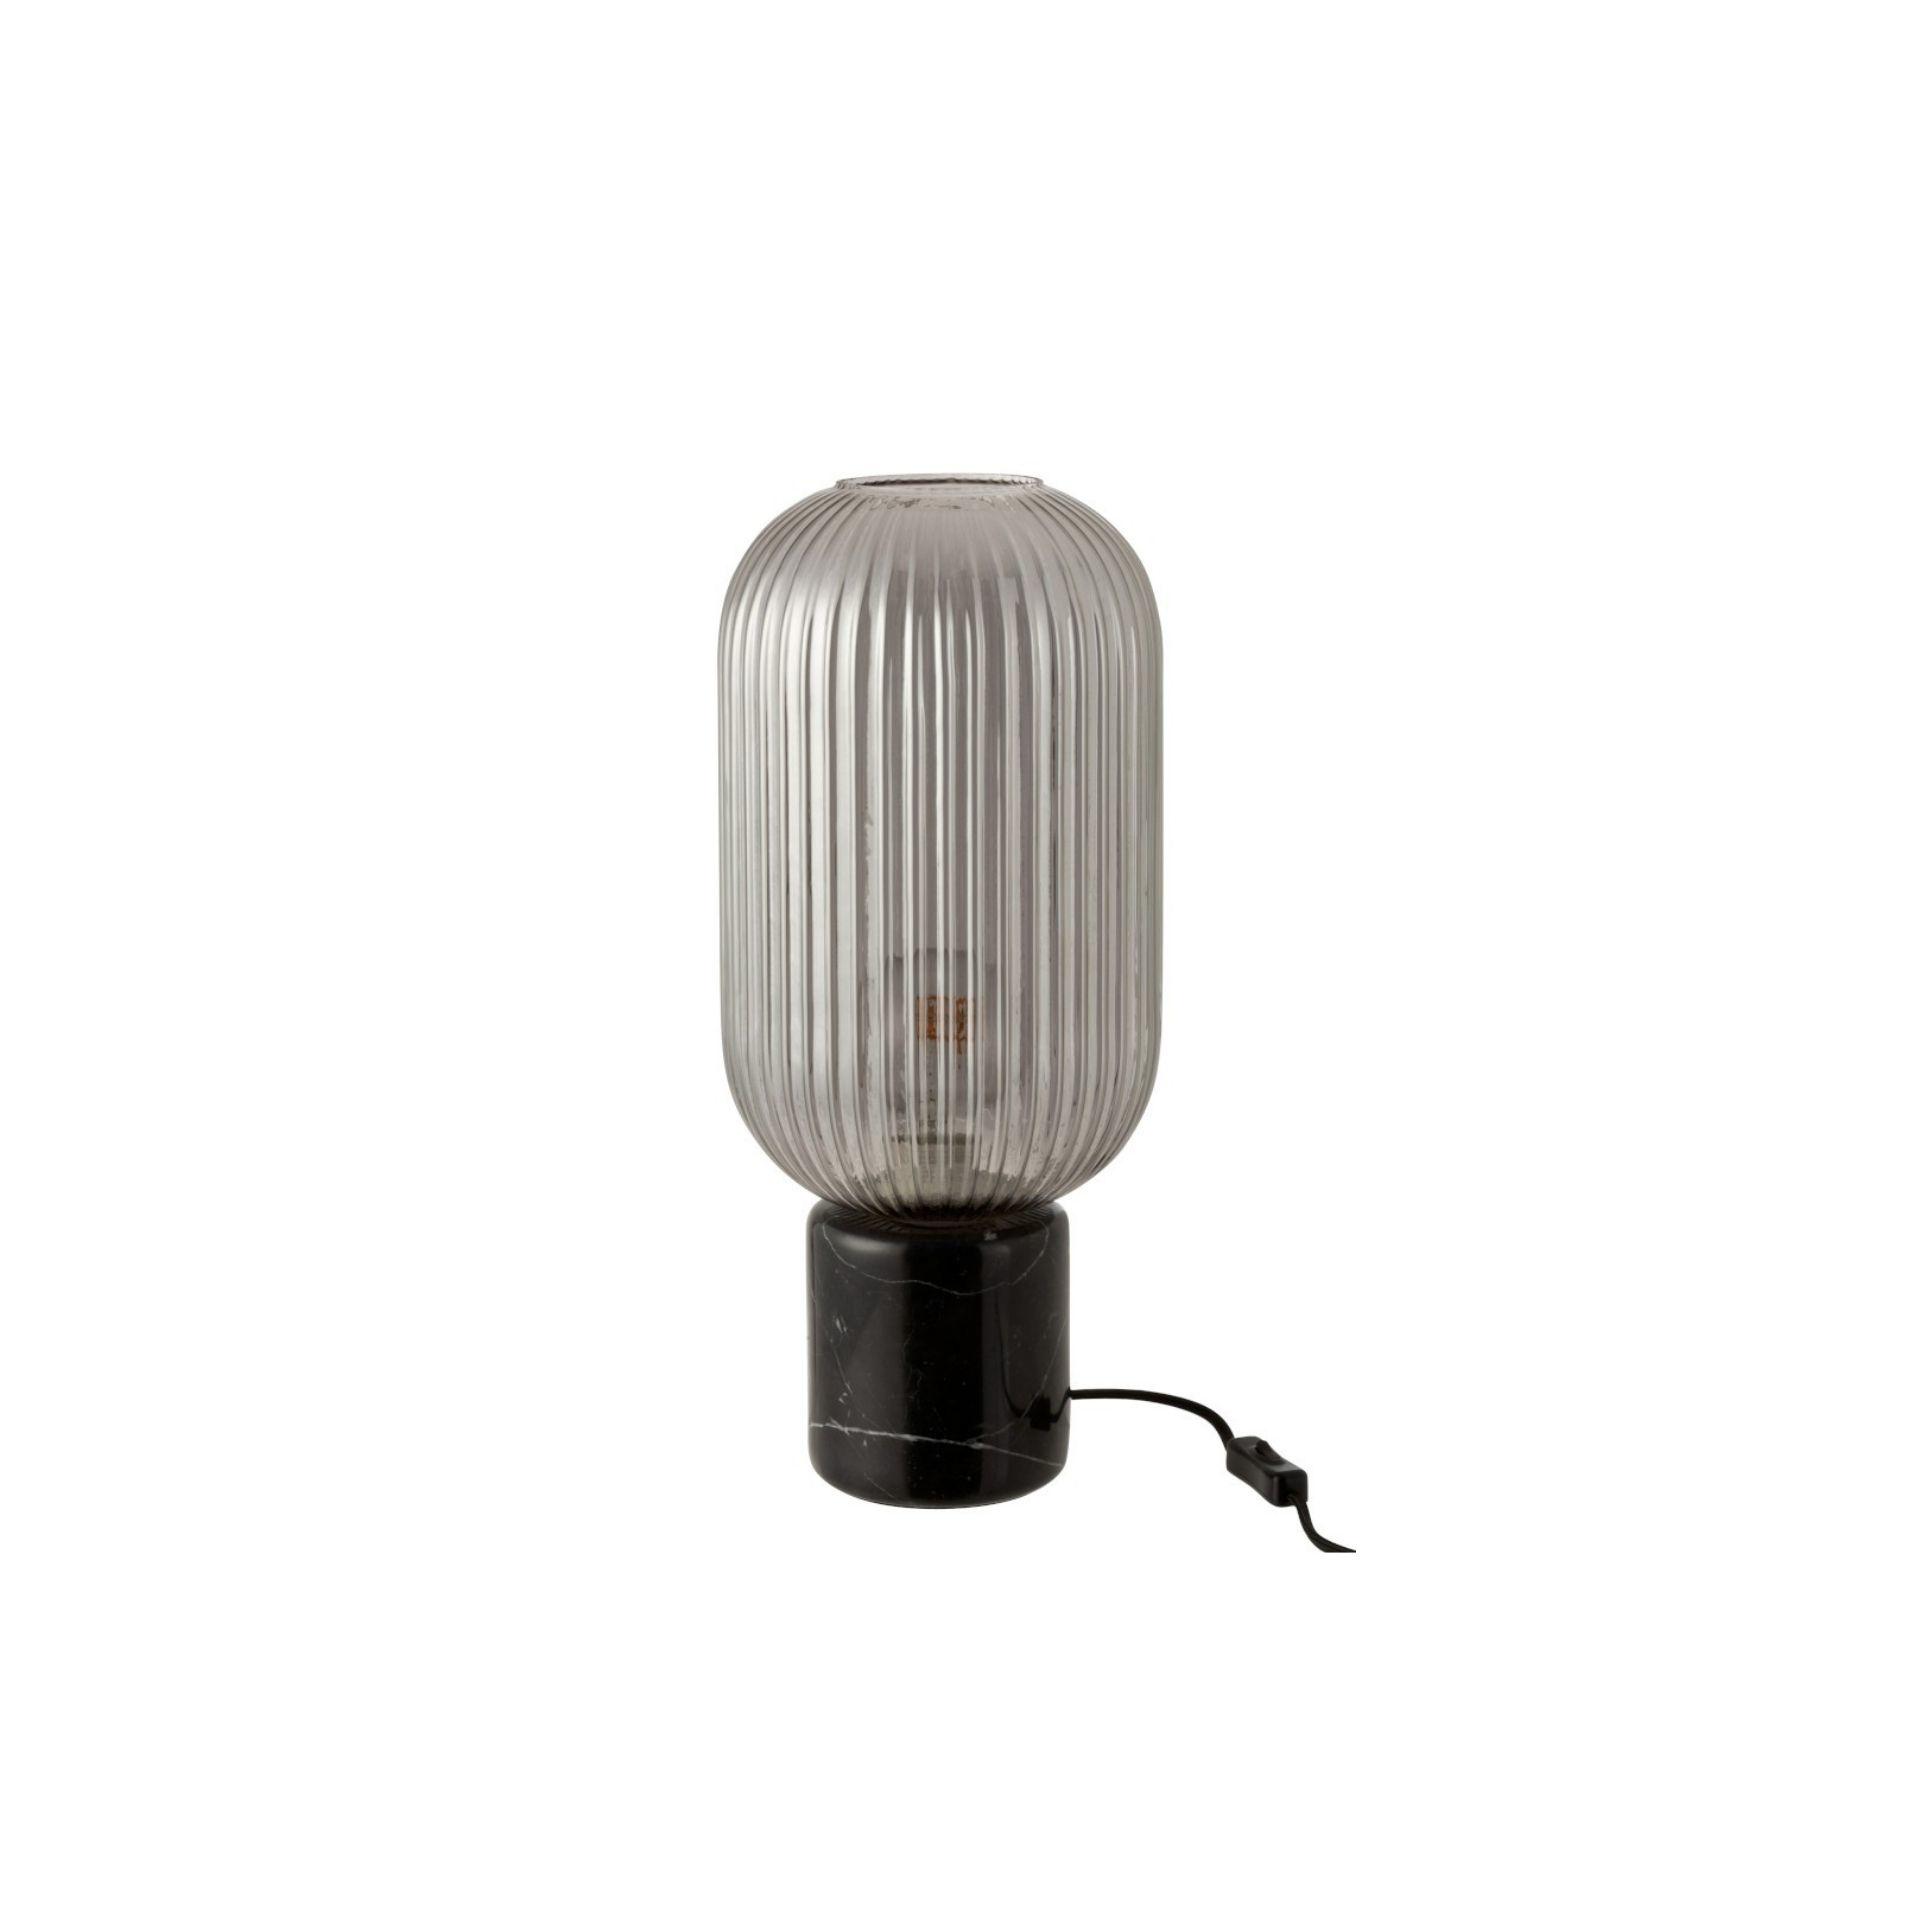 J-line Tafellamp Yufo marmer lang